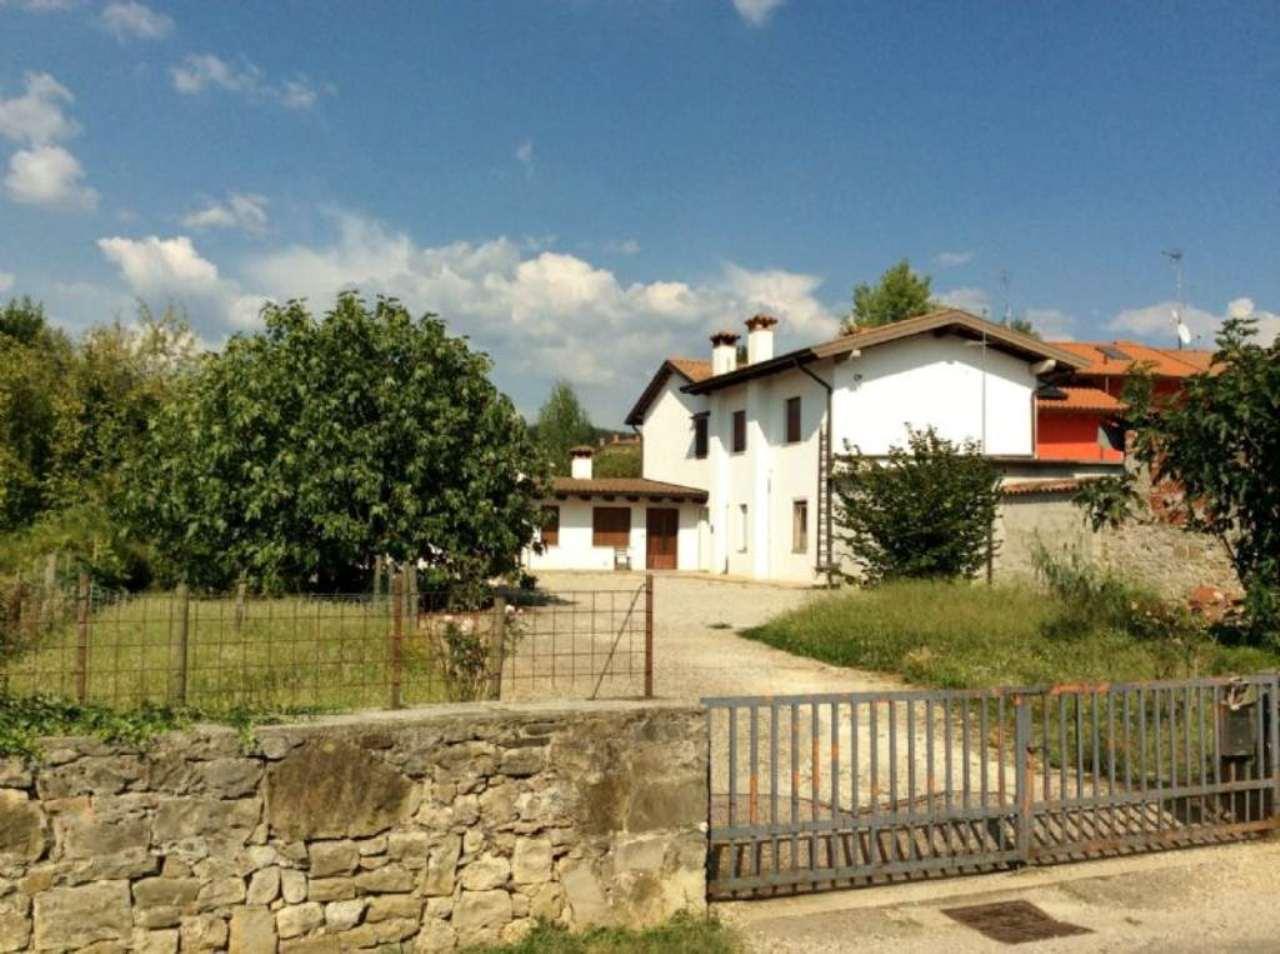 Soluzione Indipendente in vendita a Cividale del Friuli, 9999 locali, prezzo € 180.000 | CambioCasa.it